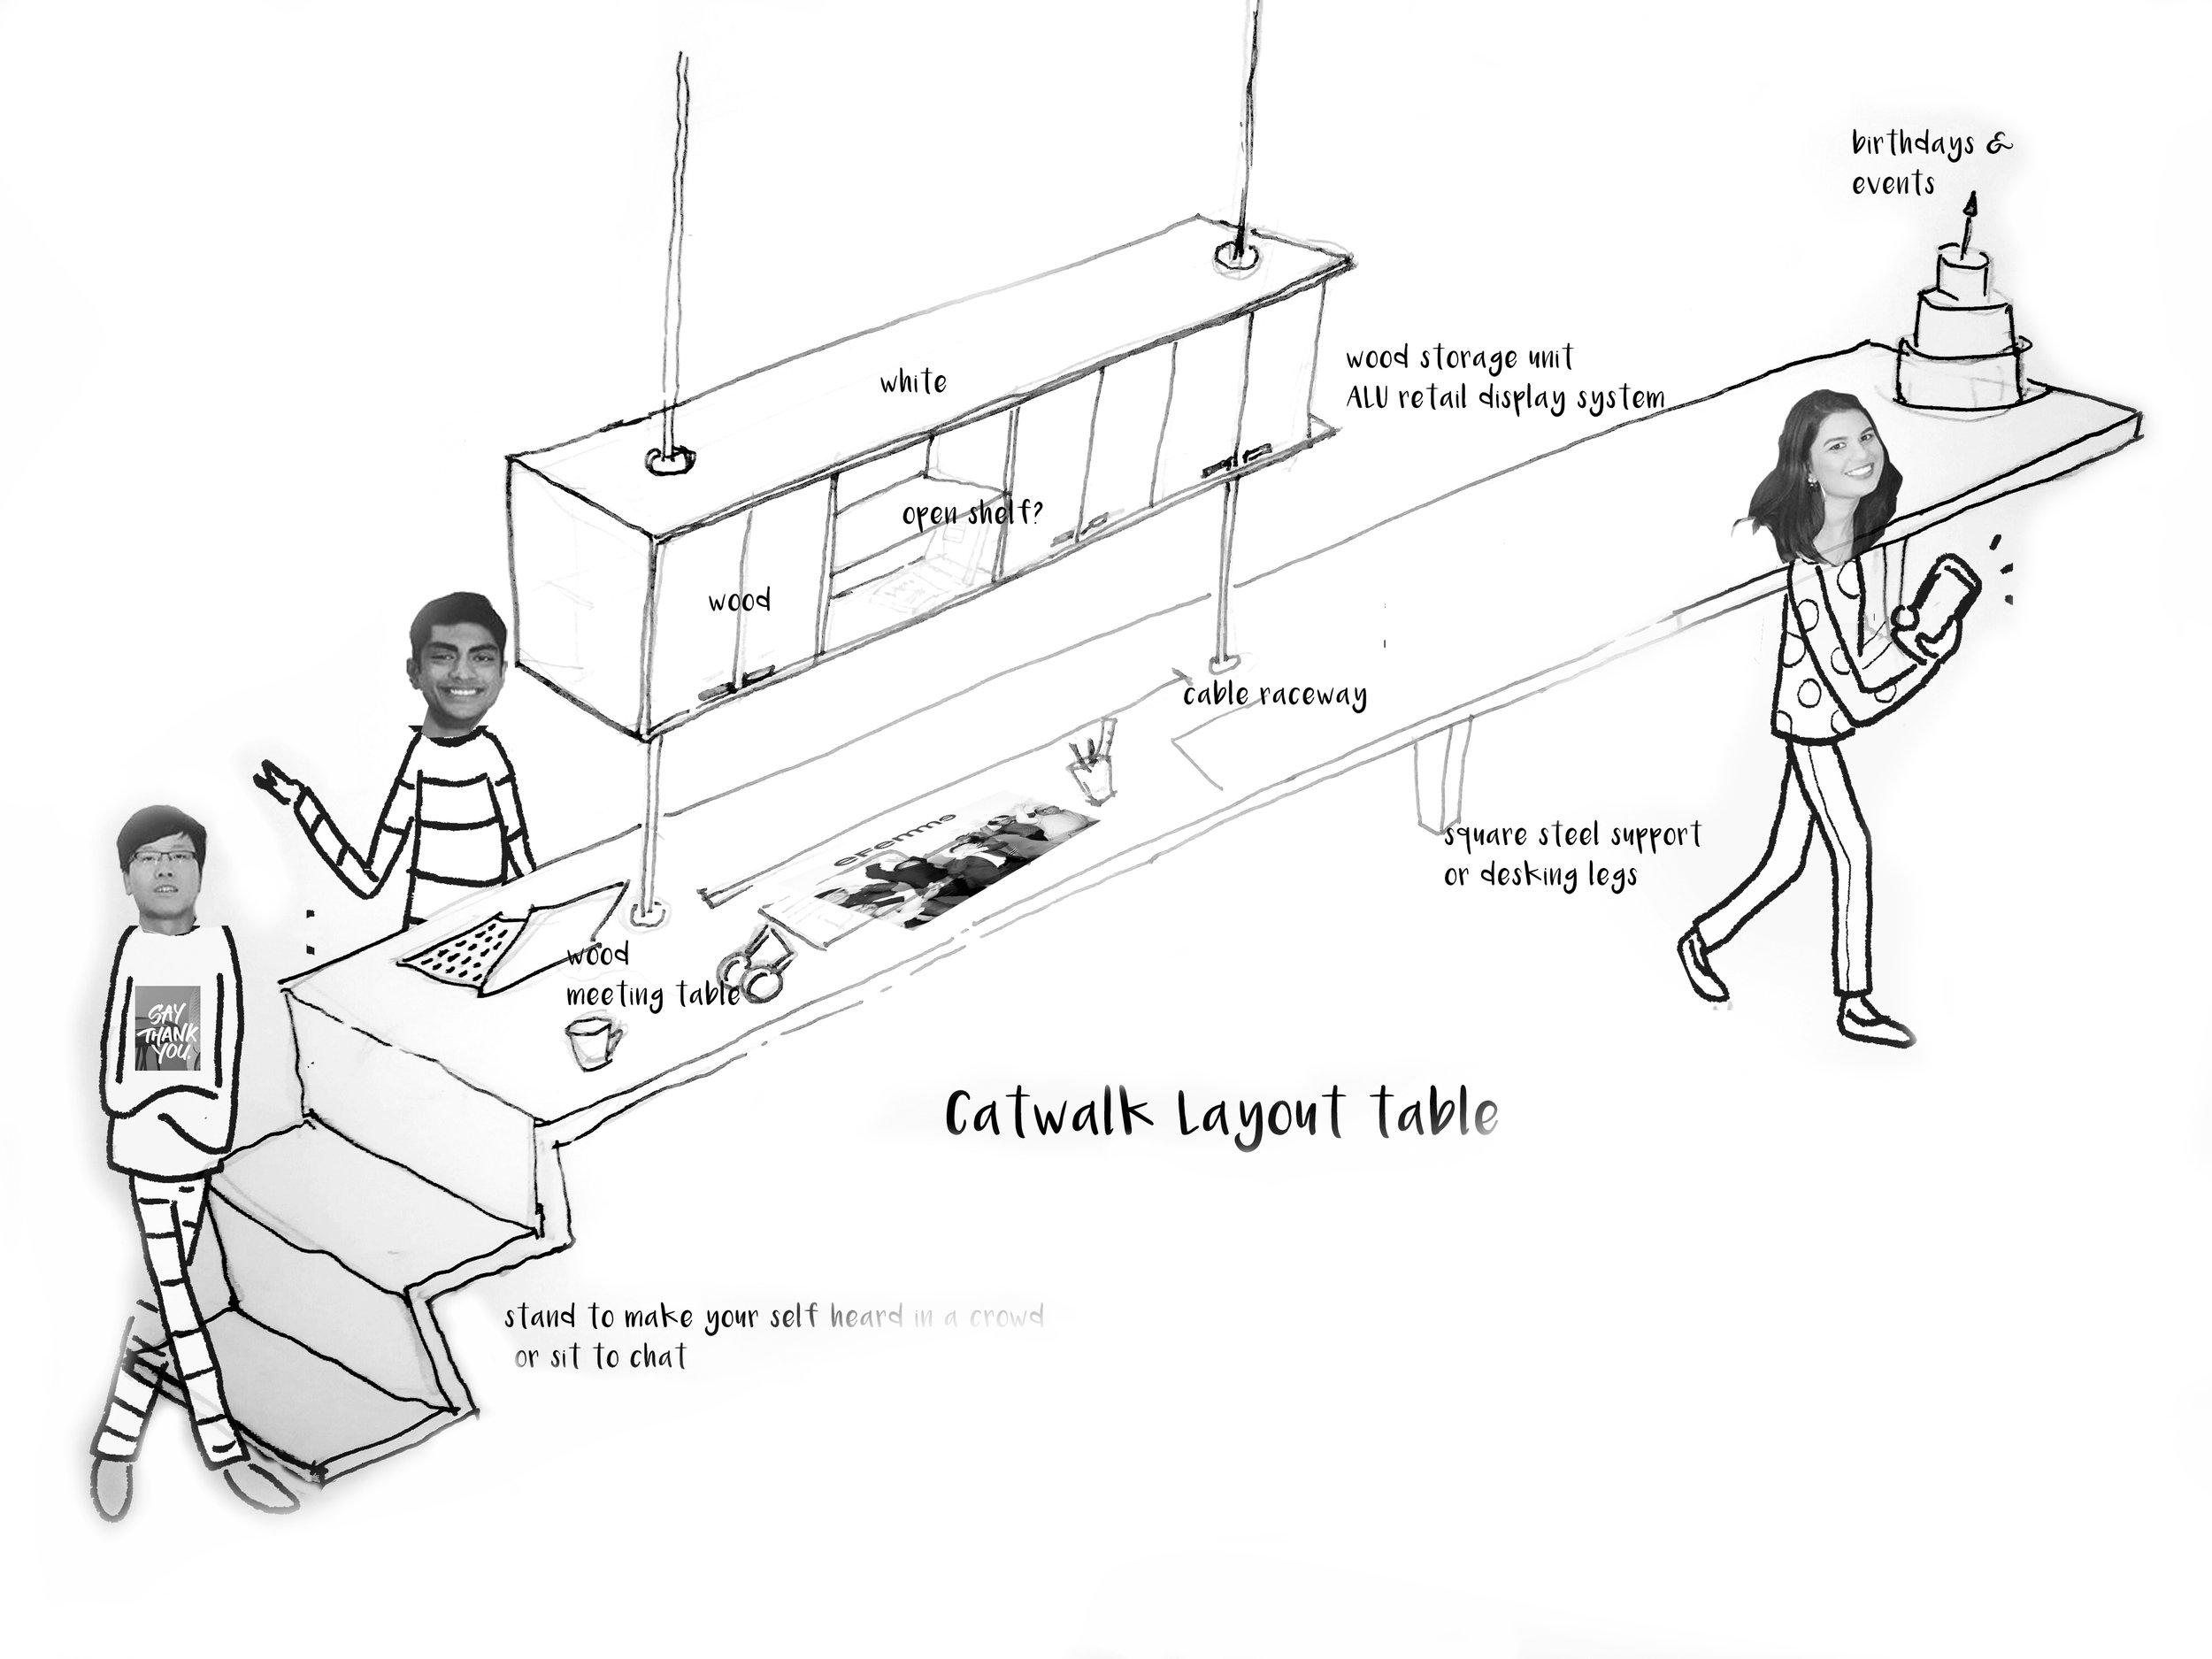 catwalk layout.jpg